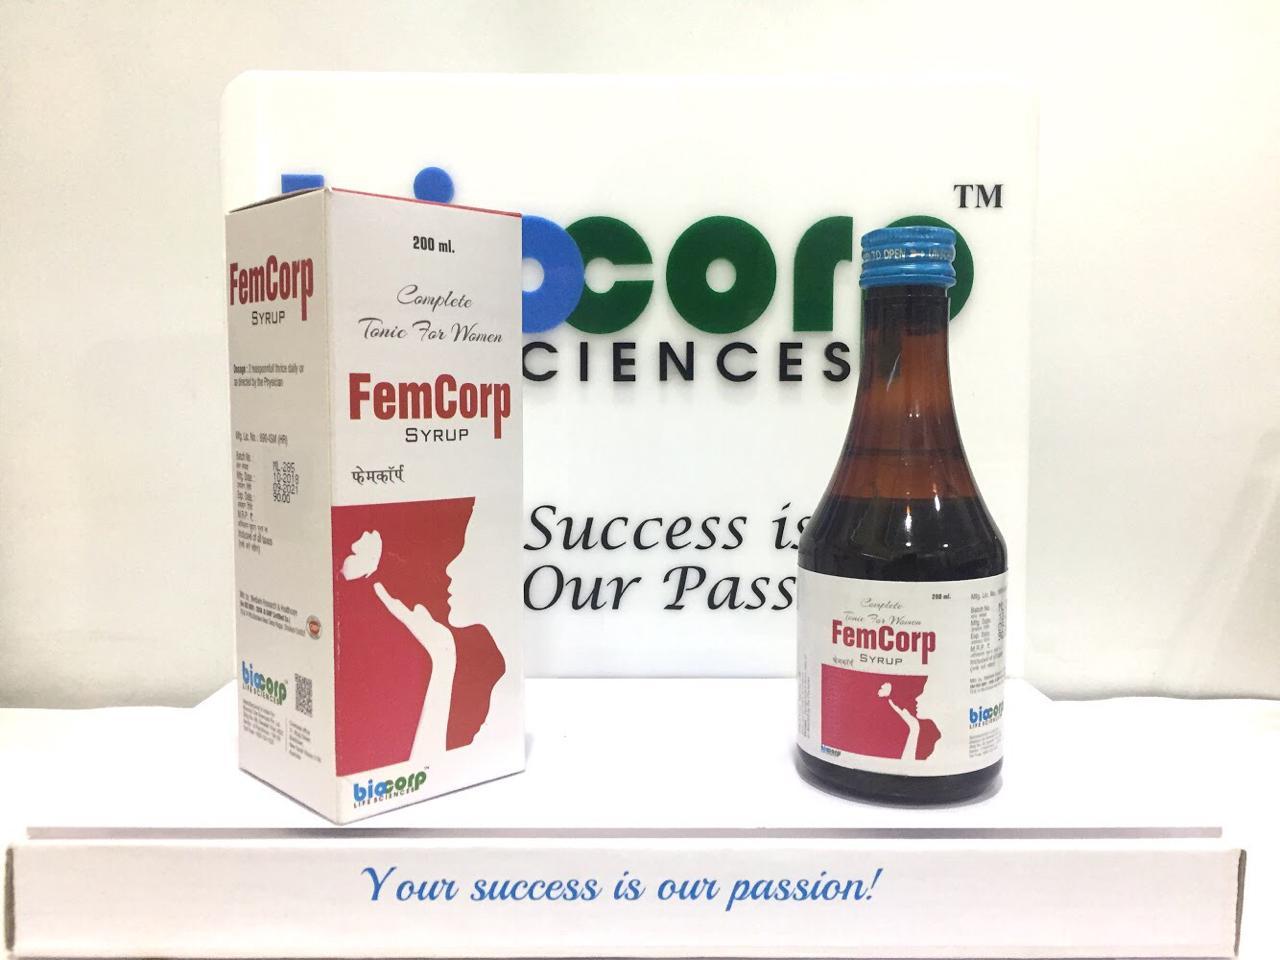 FemCorp Syrup